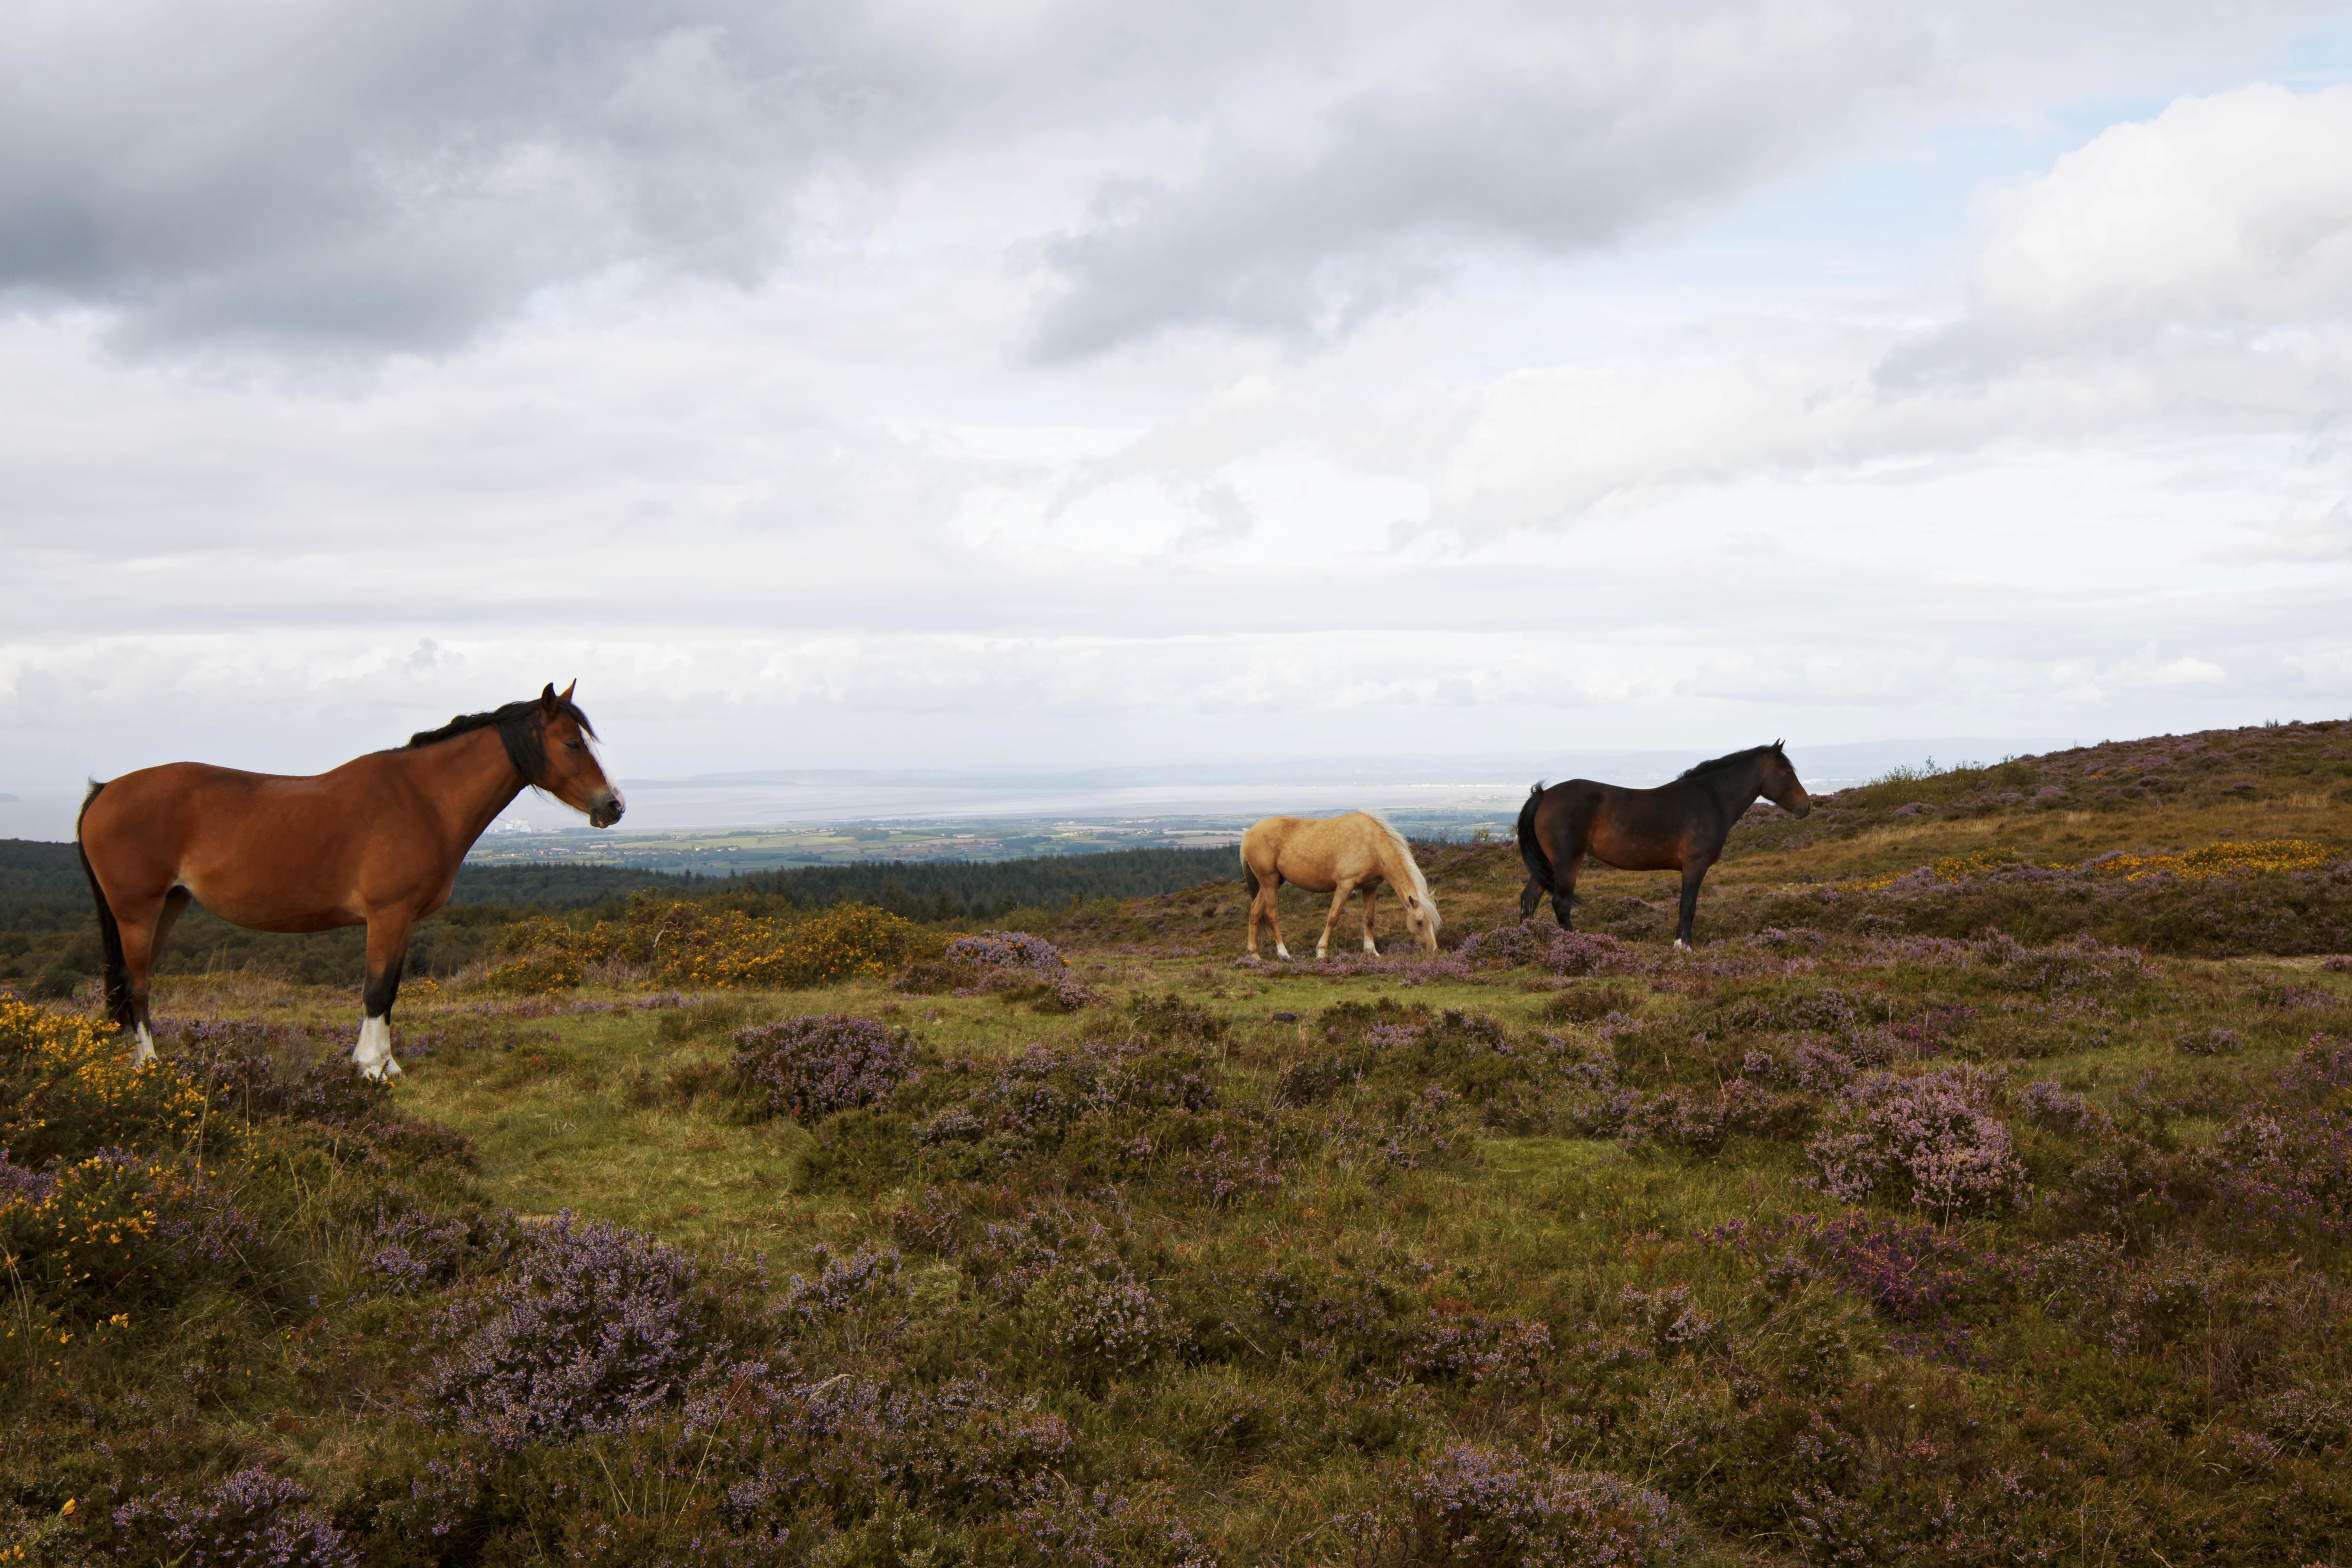 Horses at Quantock Hills, Somerset